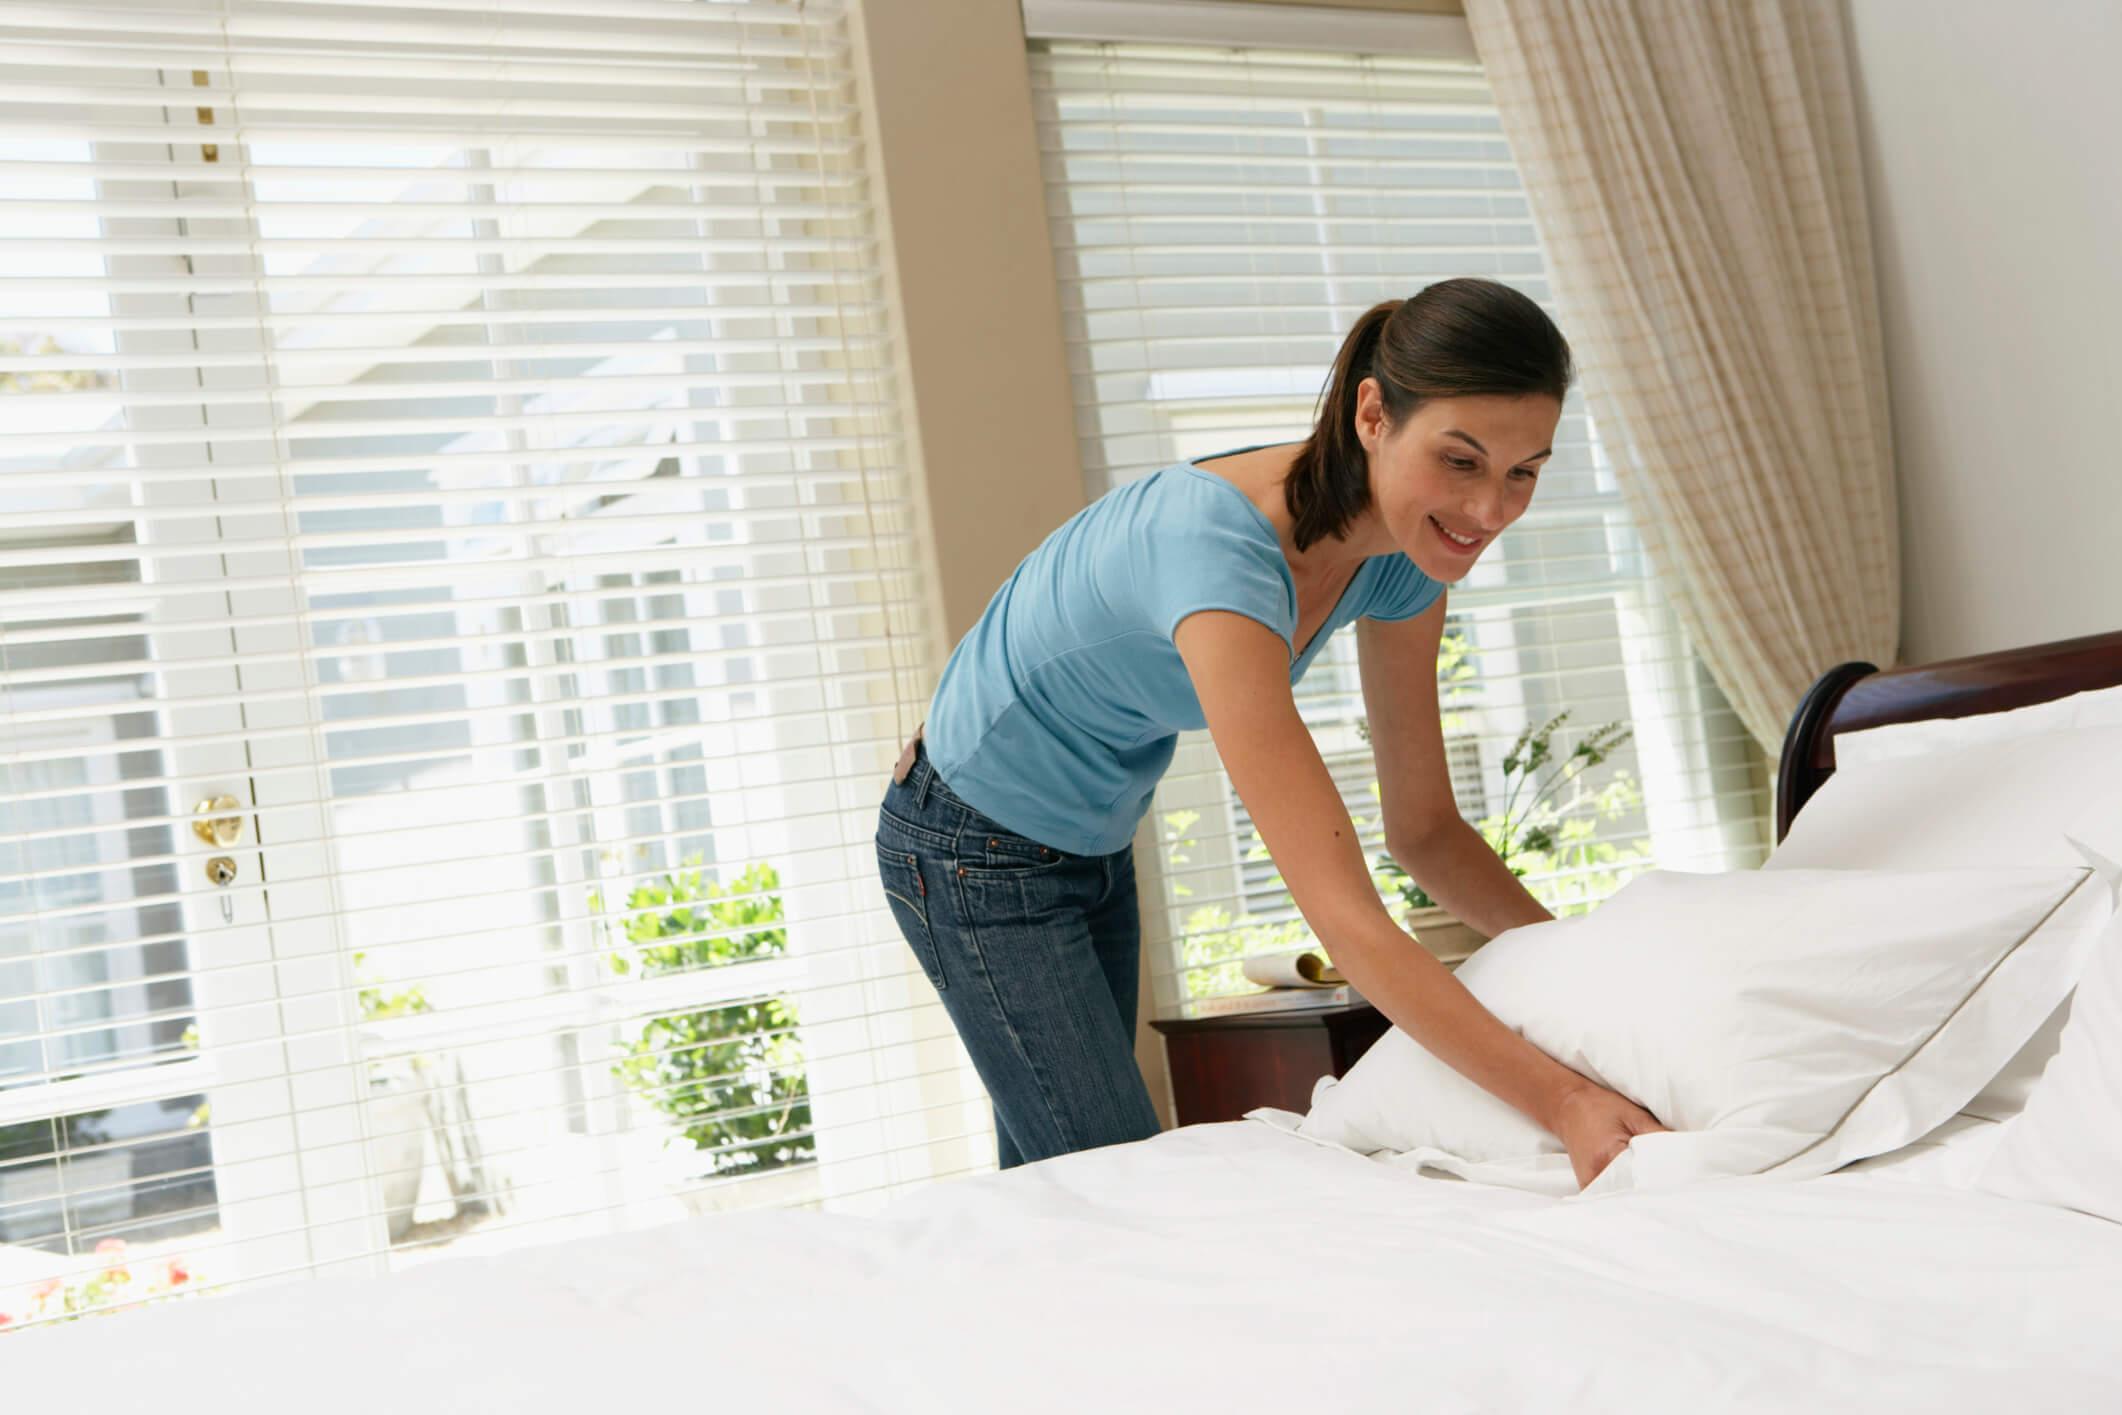 Wie oft sollte Bettwäsche gewechselt werden?